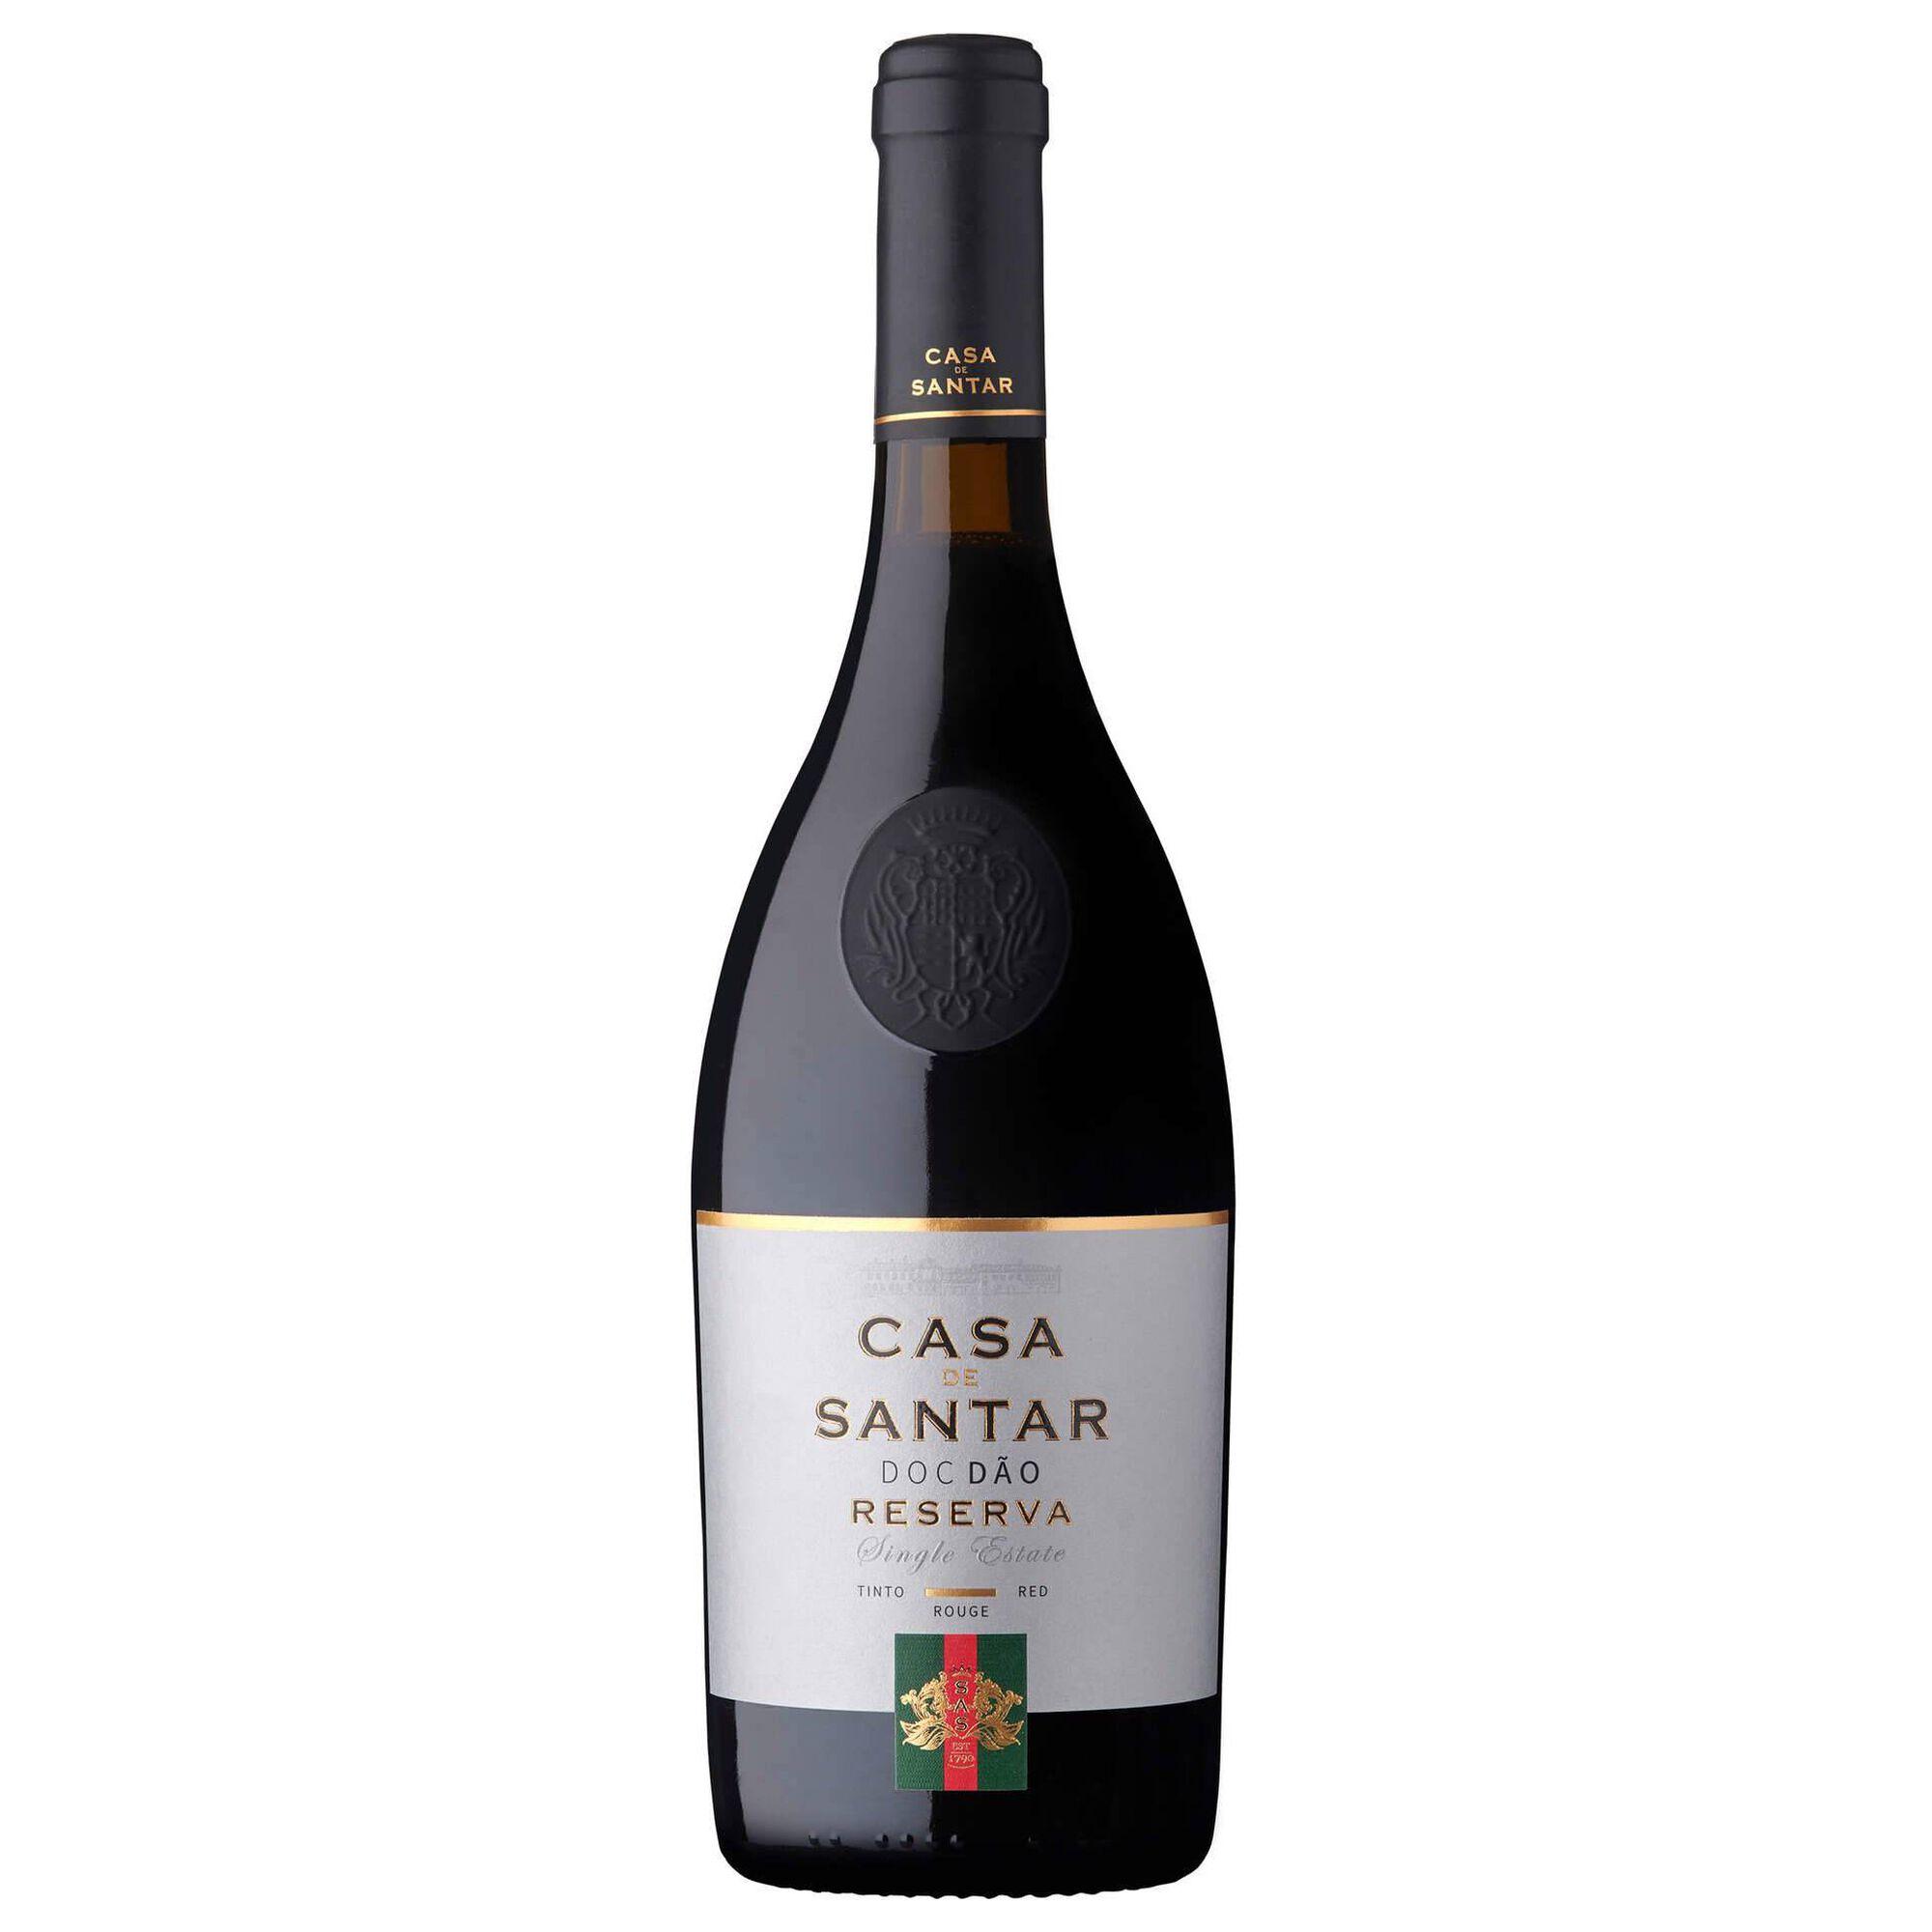 Casa de Santar Reserva DOC Dão Vinho Tinto